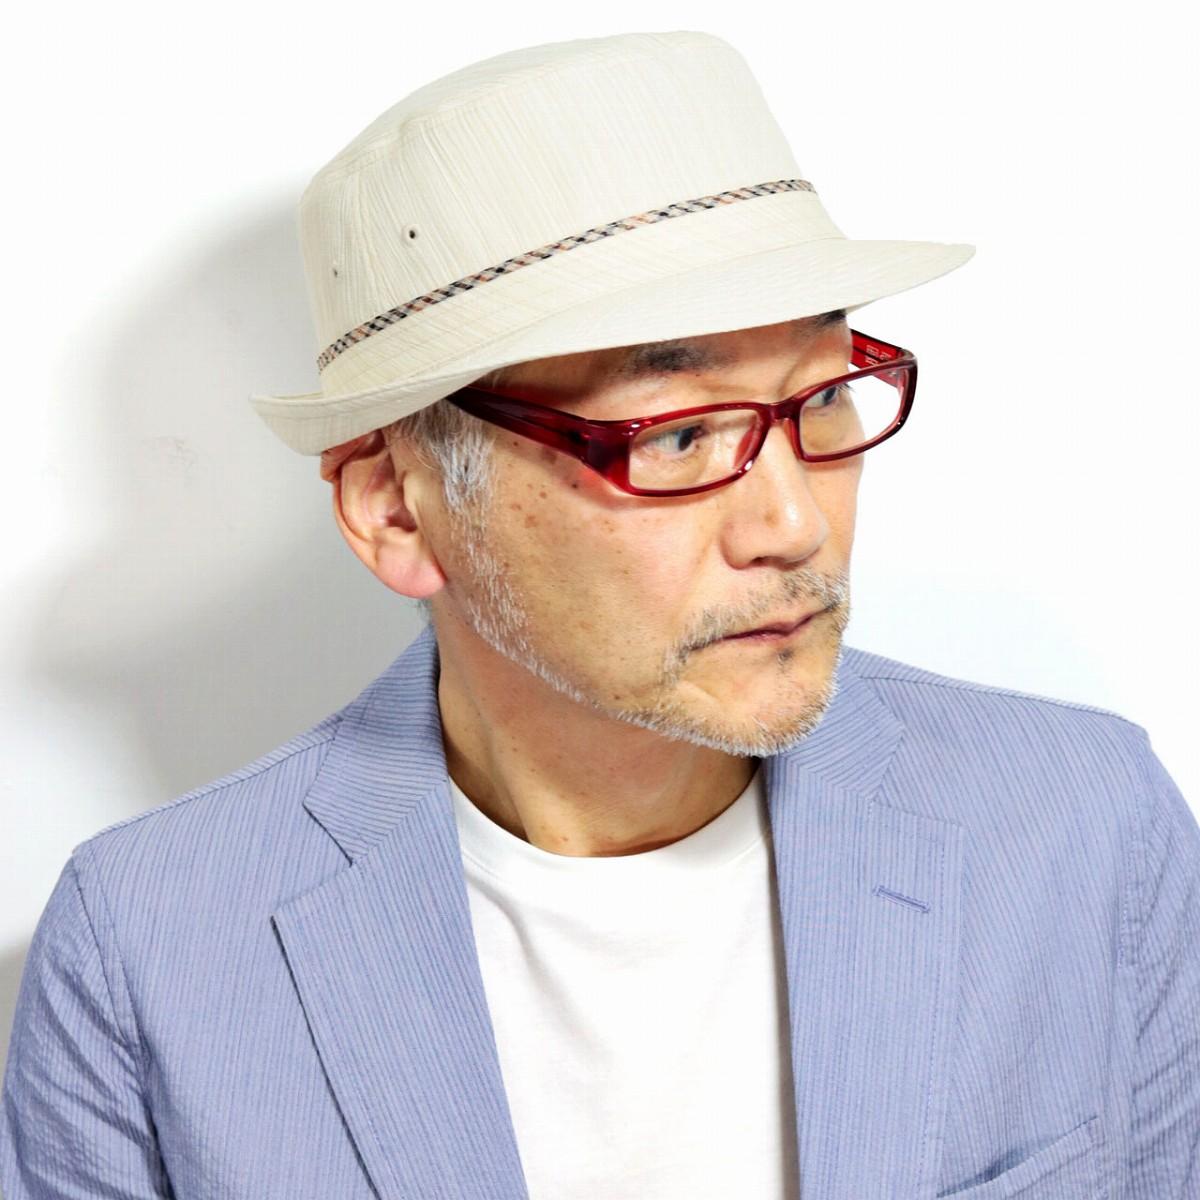 DAKS 春 夏 メンズ ハット メンズ アルペンハット 縮み織り 生地 ダックス ブランド 紳士 帽子 イギリス 日本製 アルペン帽 ベージュ [ alpine hat ] 送料無料 父の日 ギフト 誕生日 プレゼント